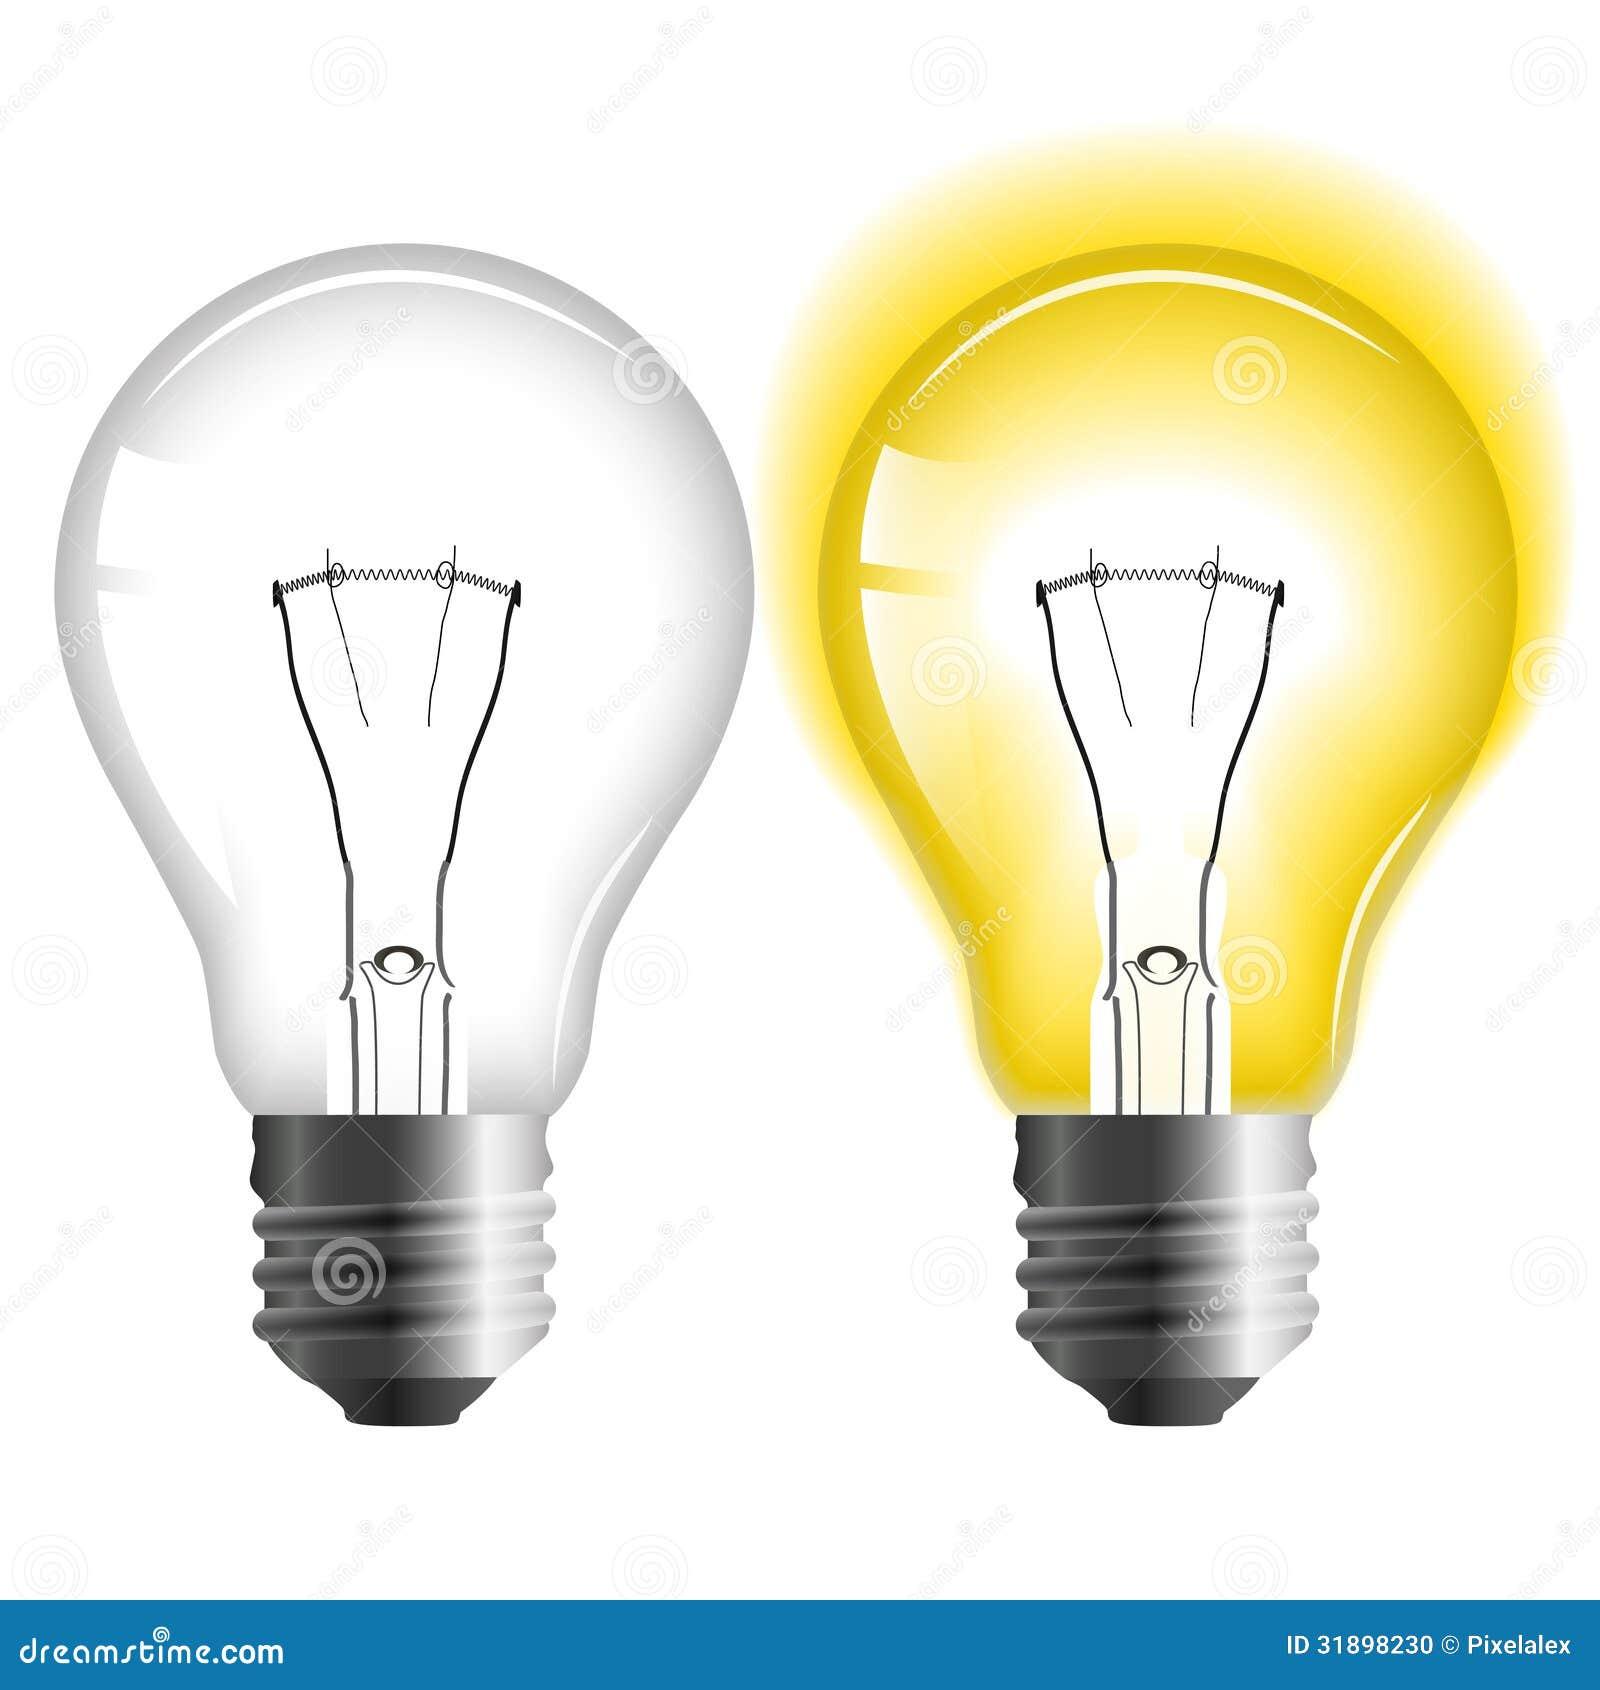 how to make a black light bulb